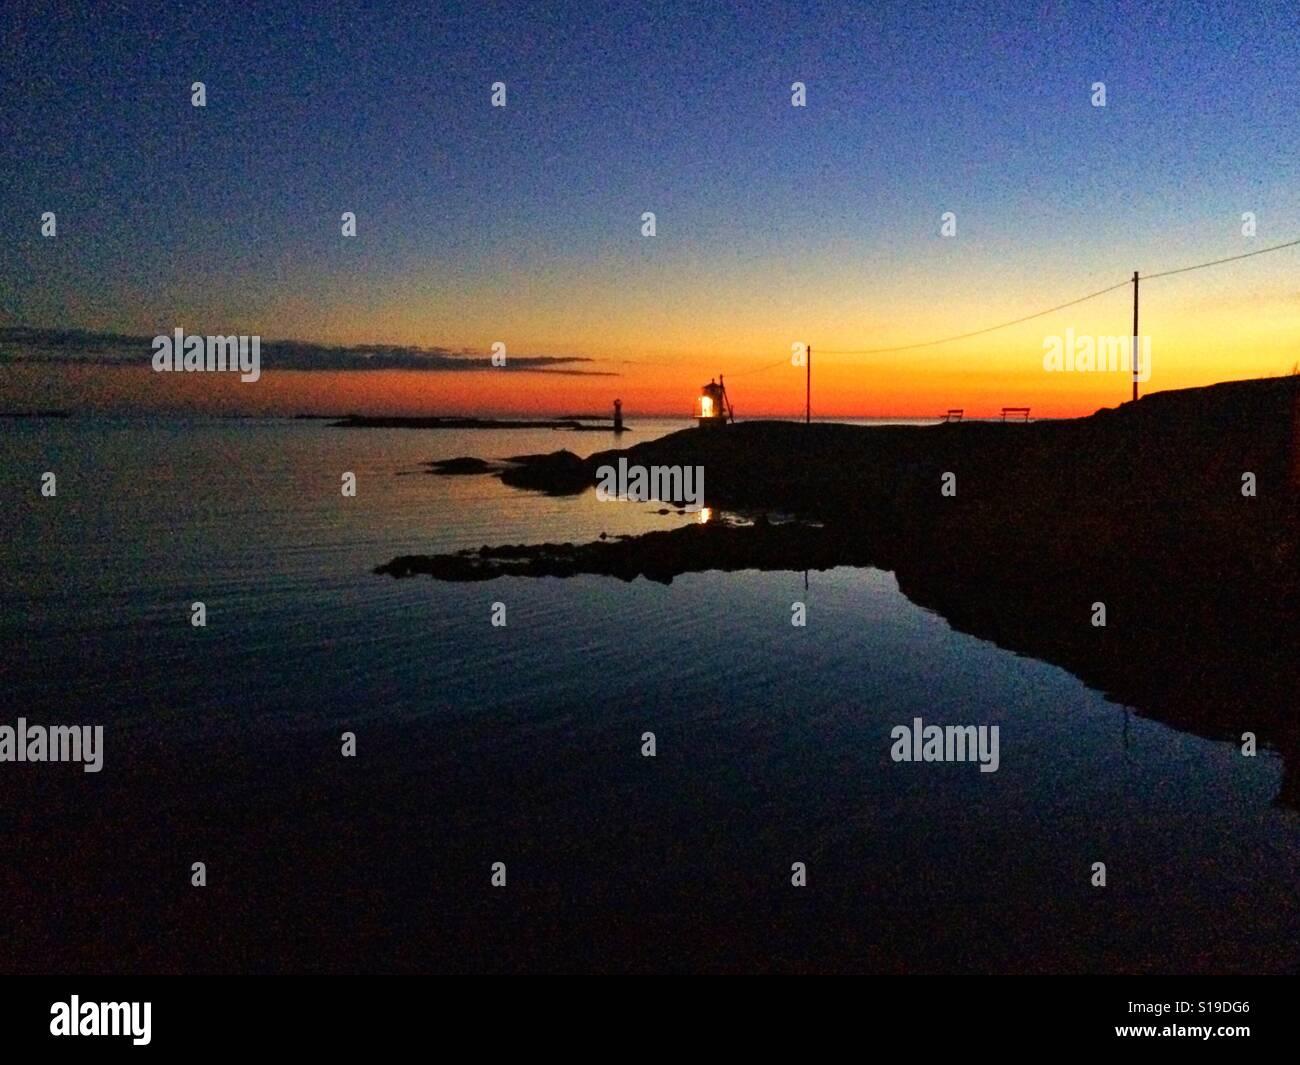 Sonnenuntergang am Hönö, West-Küste von Schweden. Stockfoto